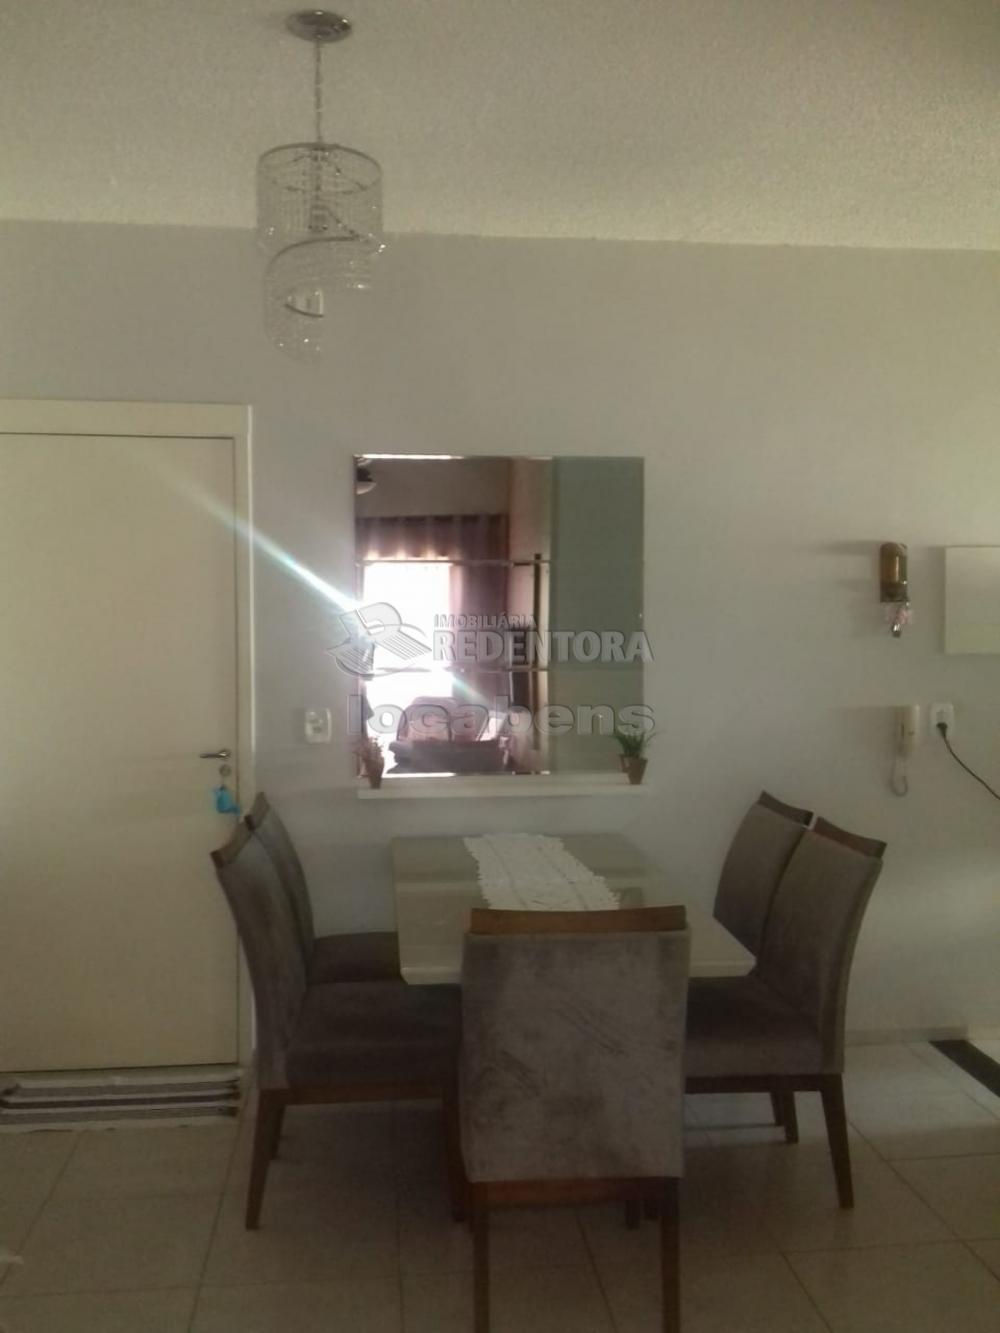 Comprar Apartamento / Padrão em São José do Rio Preto R$ 185.000,00 - Foto 1